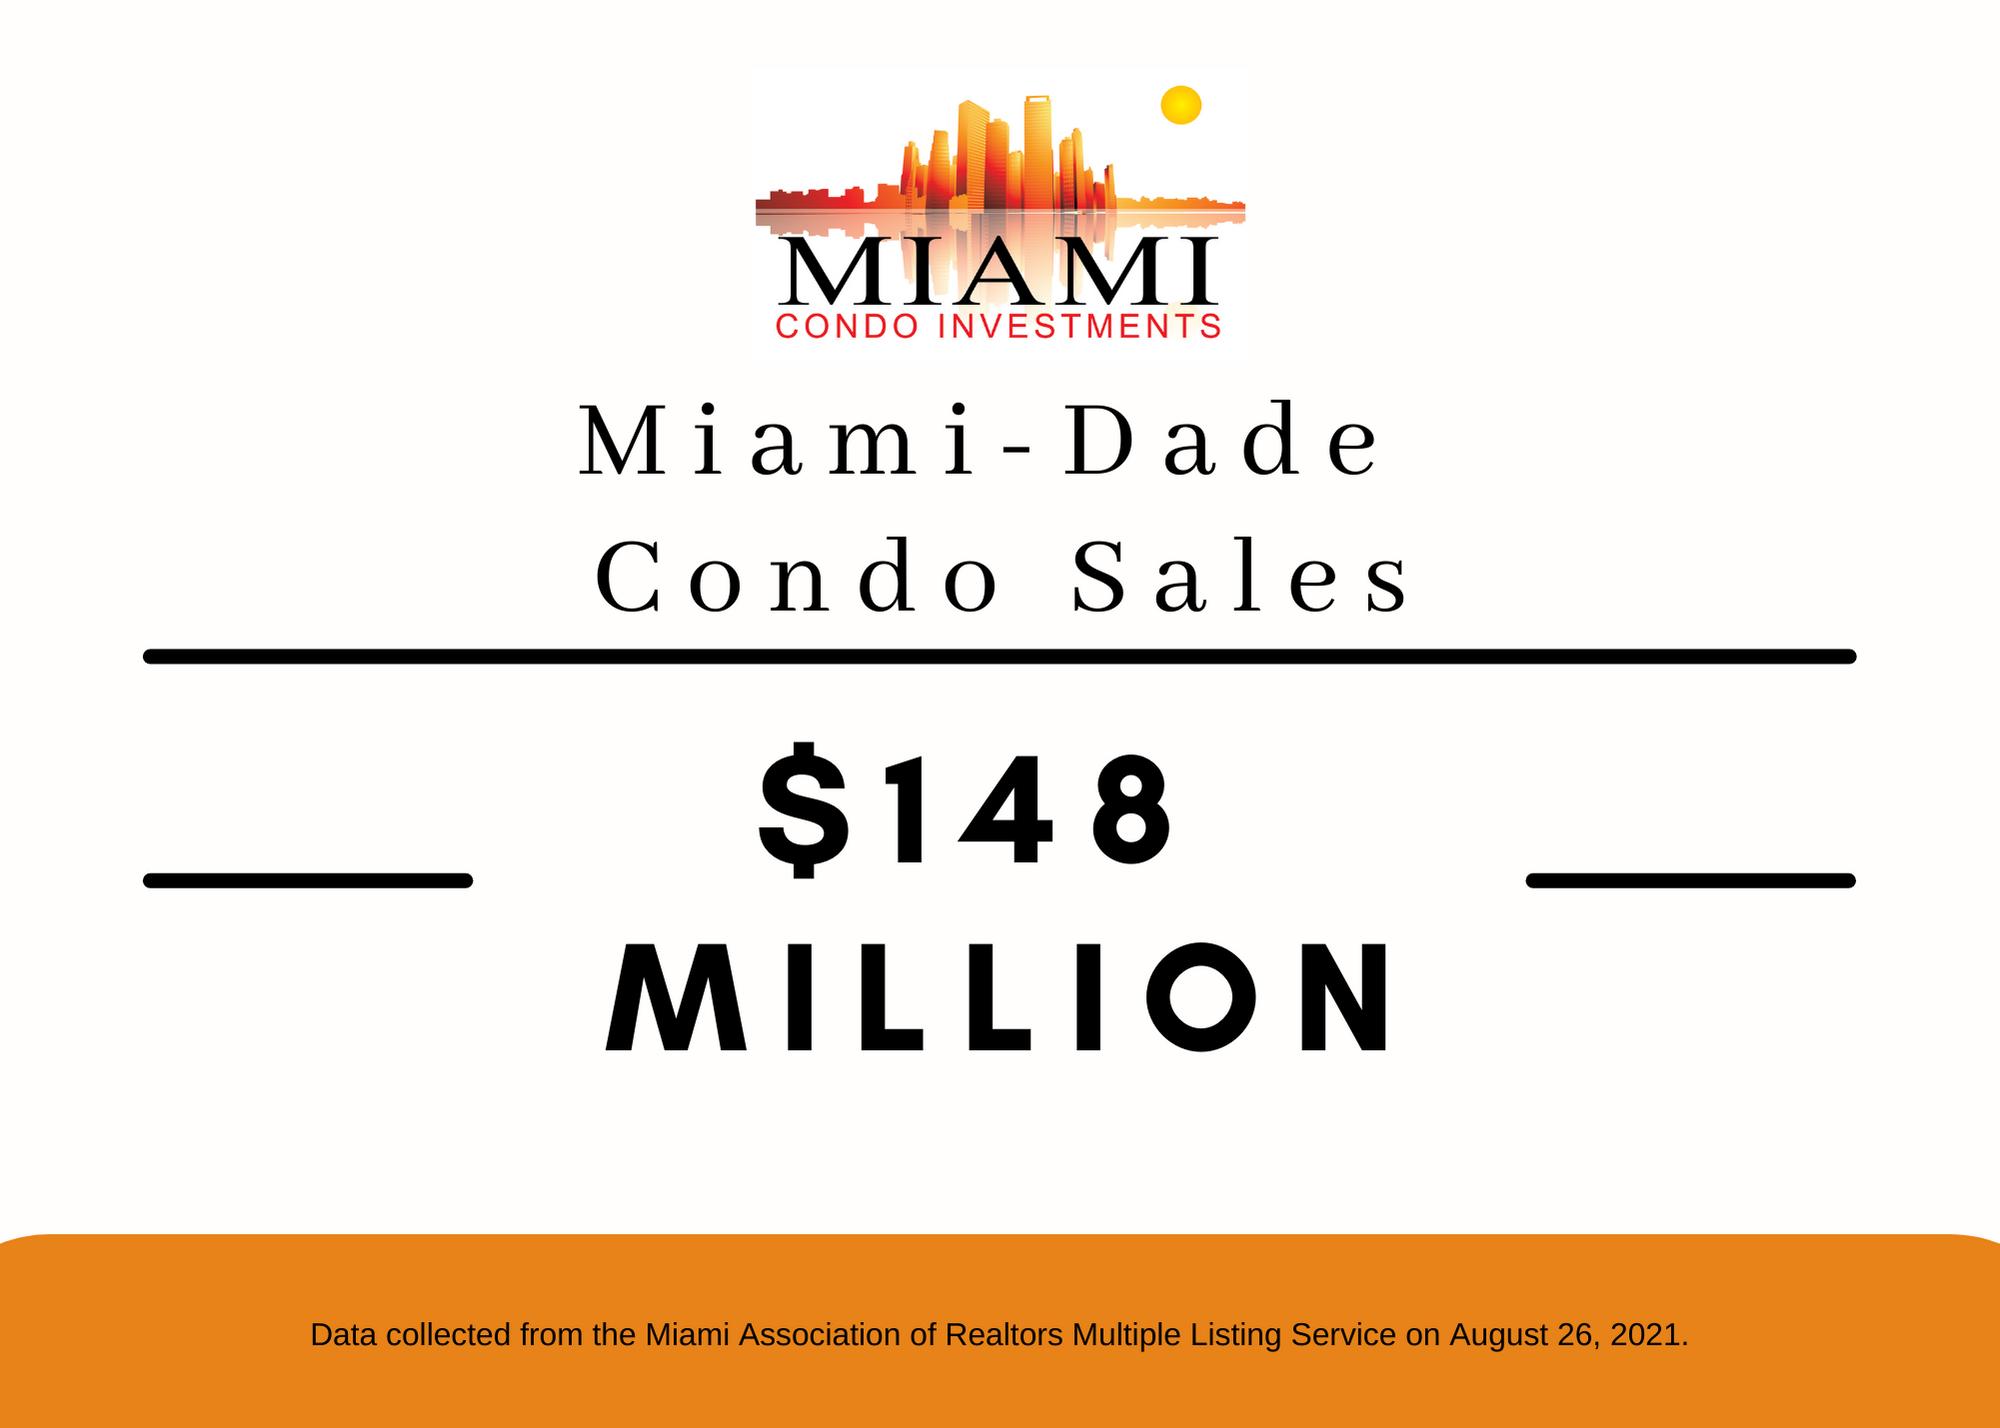 Miami Condo Sales Sore for August 2021